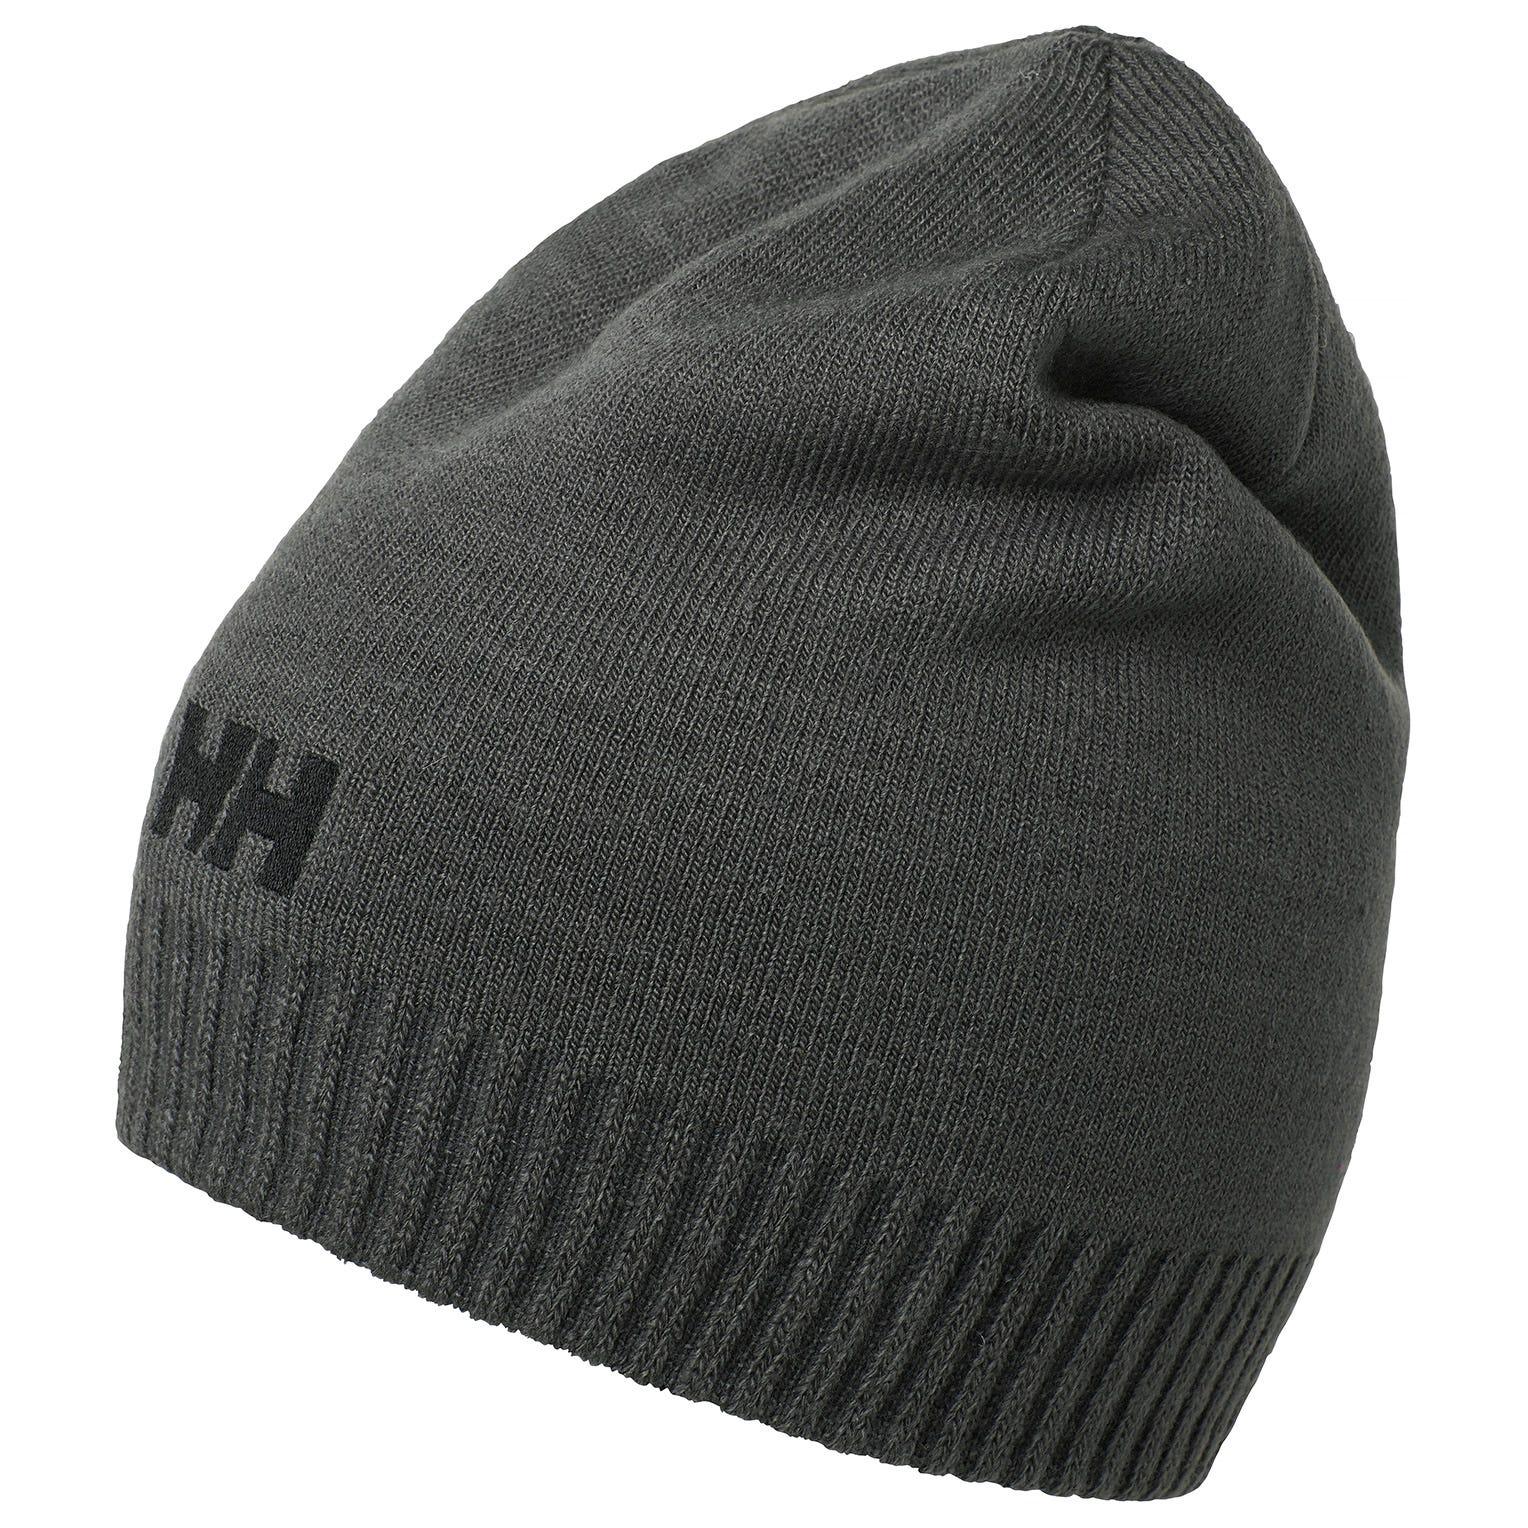 Helly Hansen Brand Beanie Grey STD